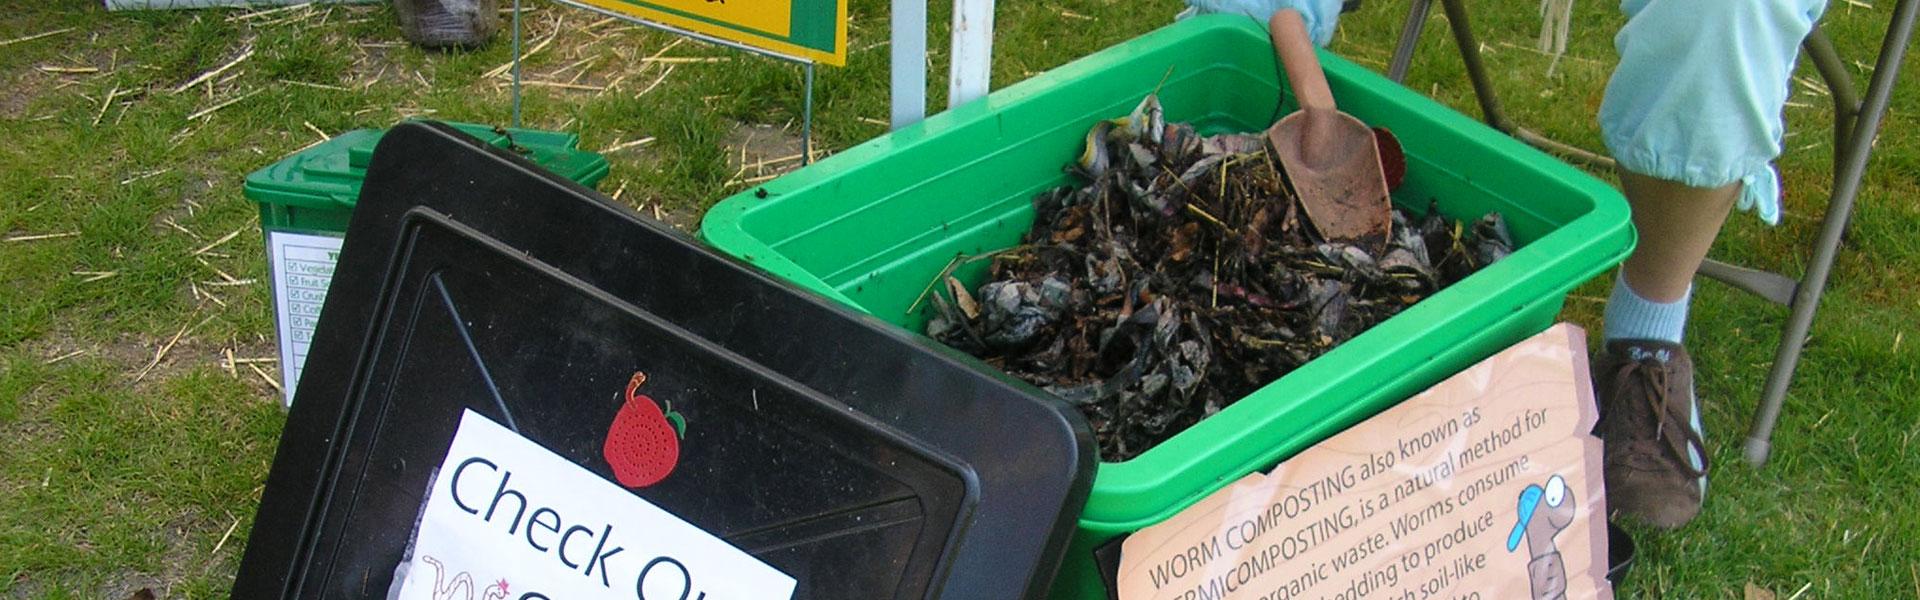 backyard_composting_3